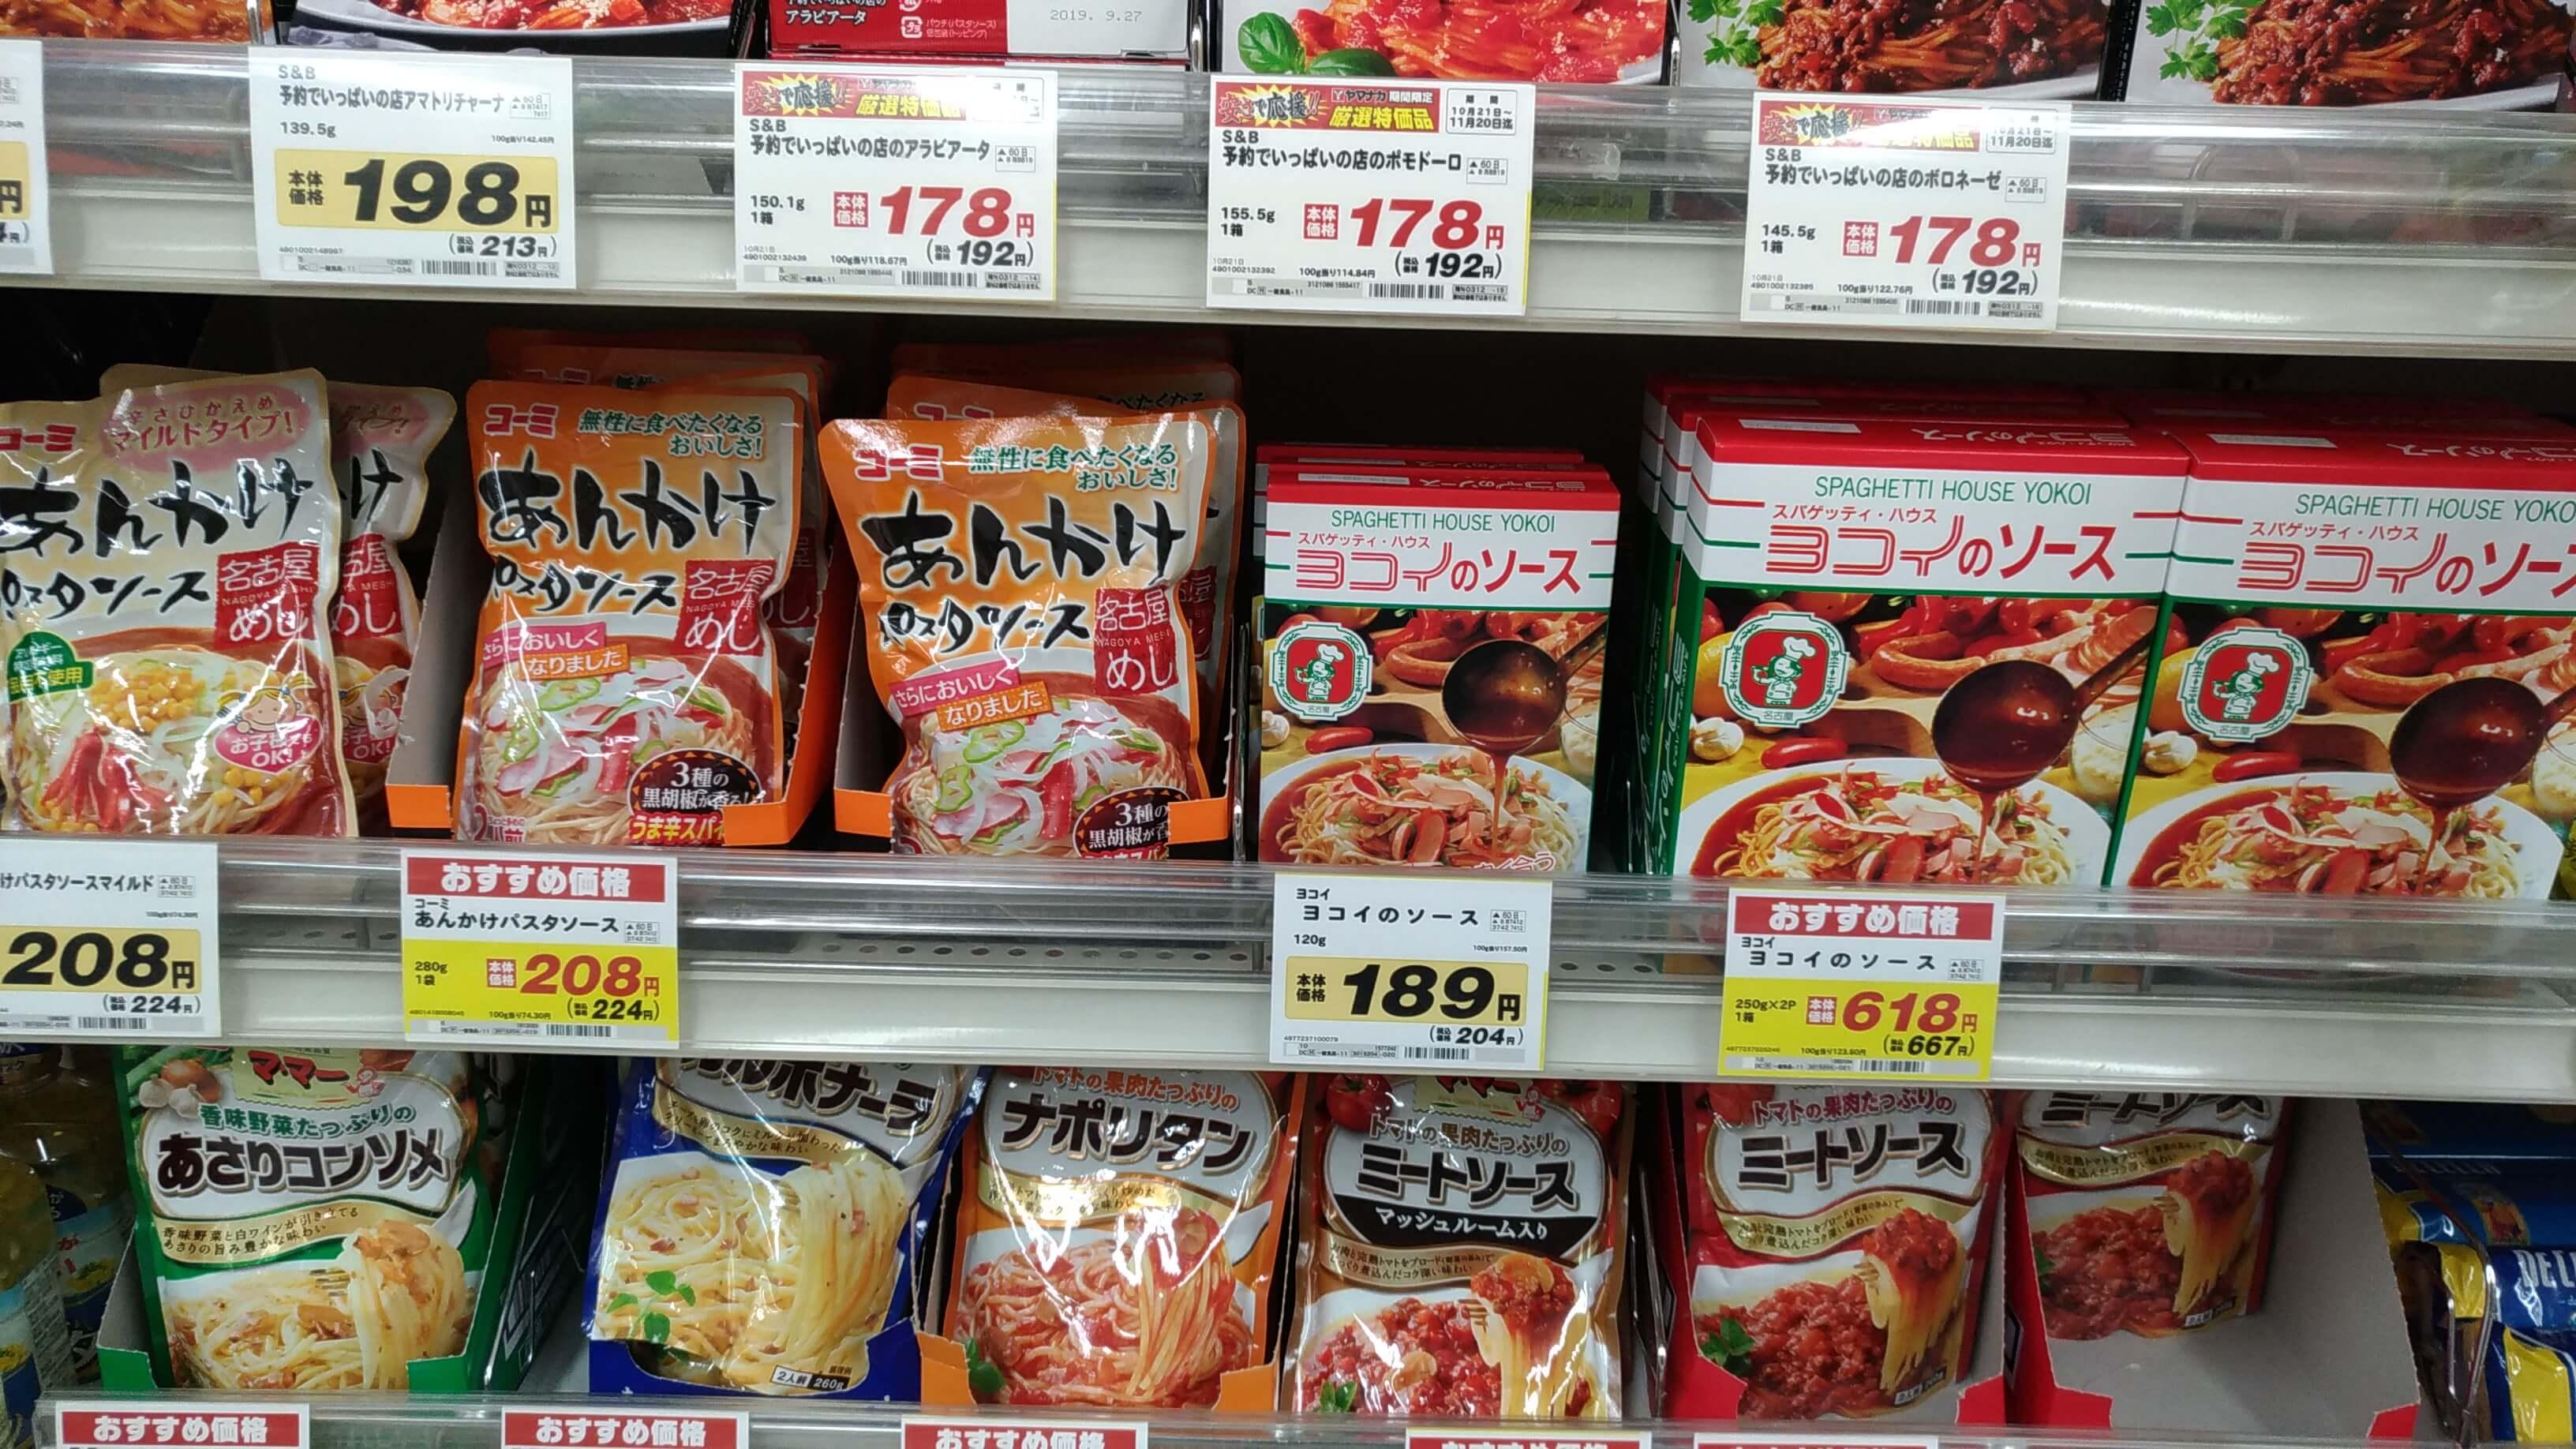 ヨコイのあんかけスパのスーパー商品